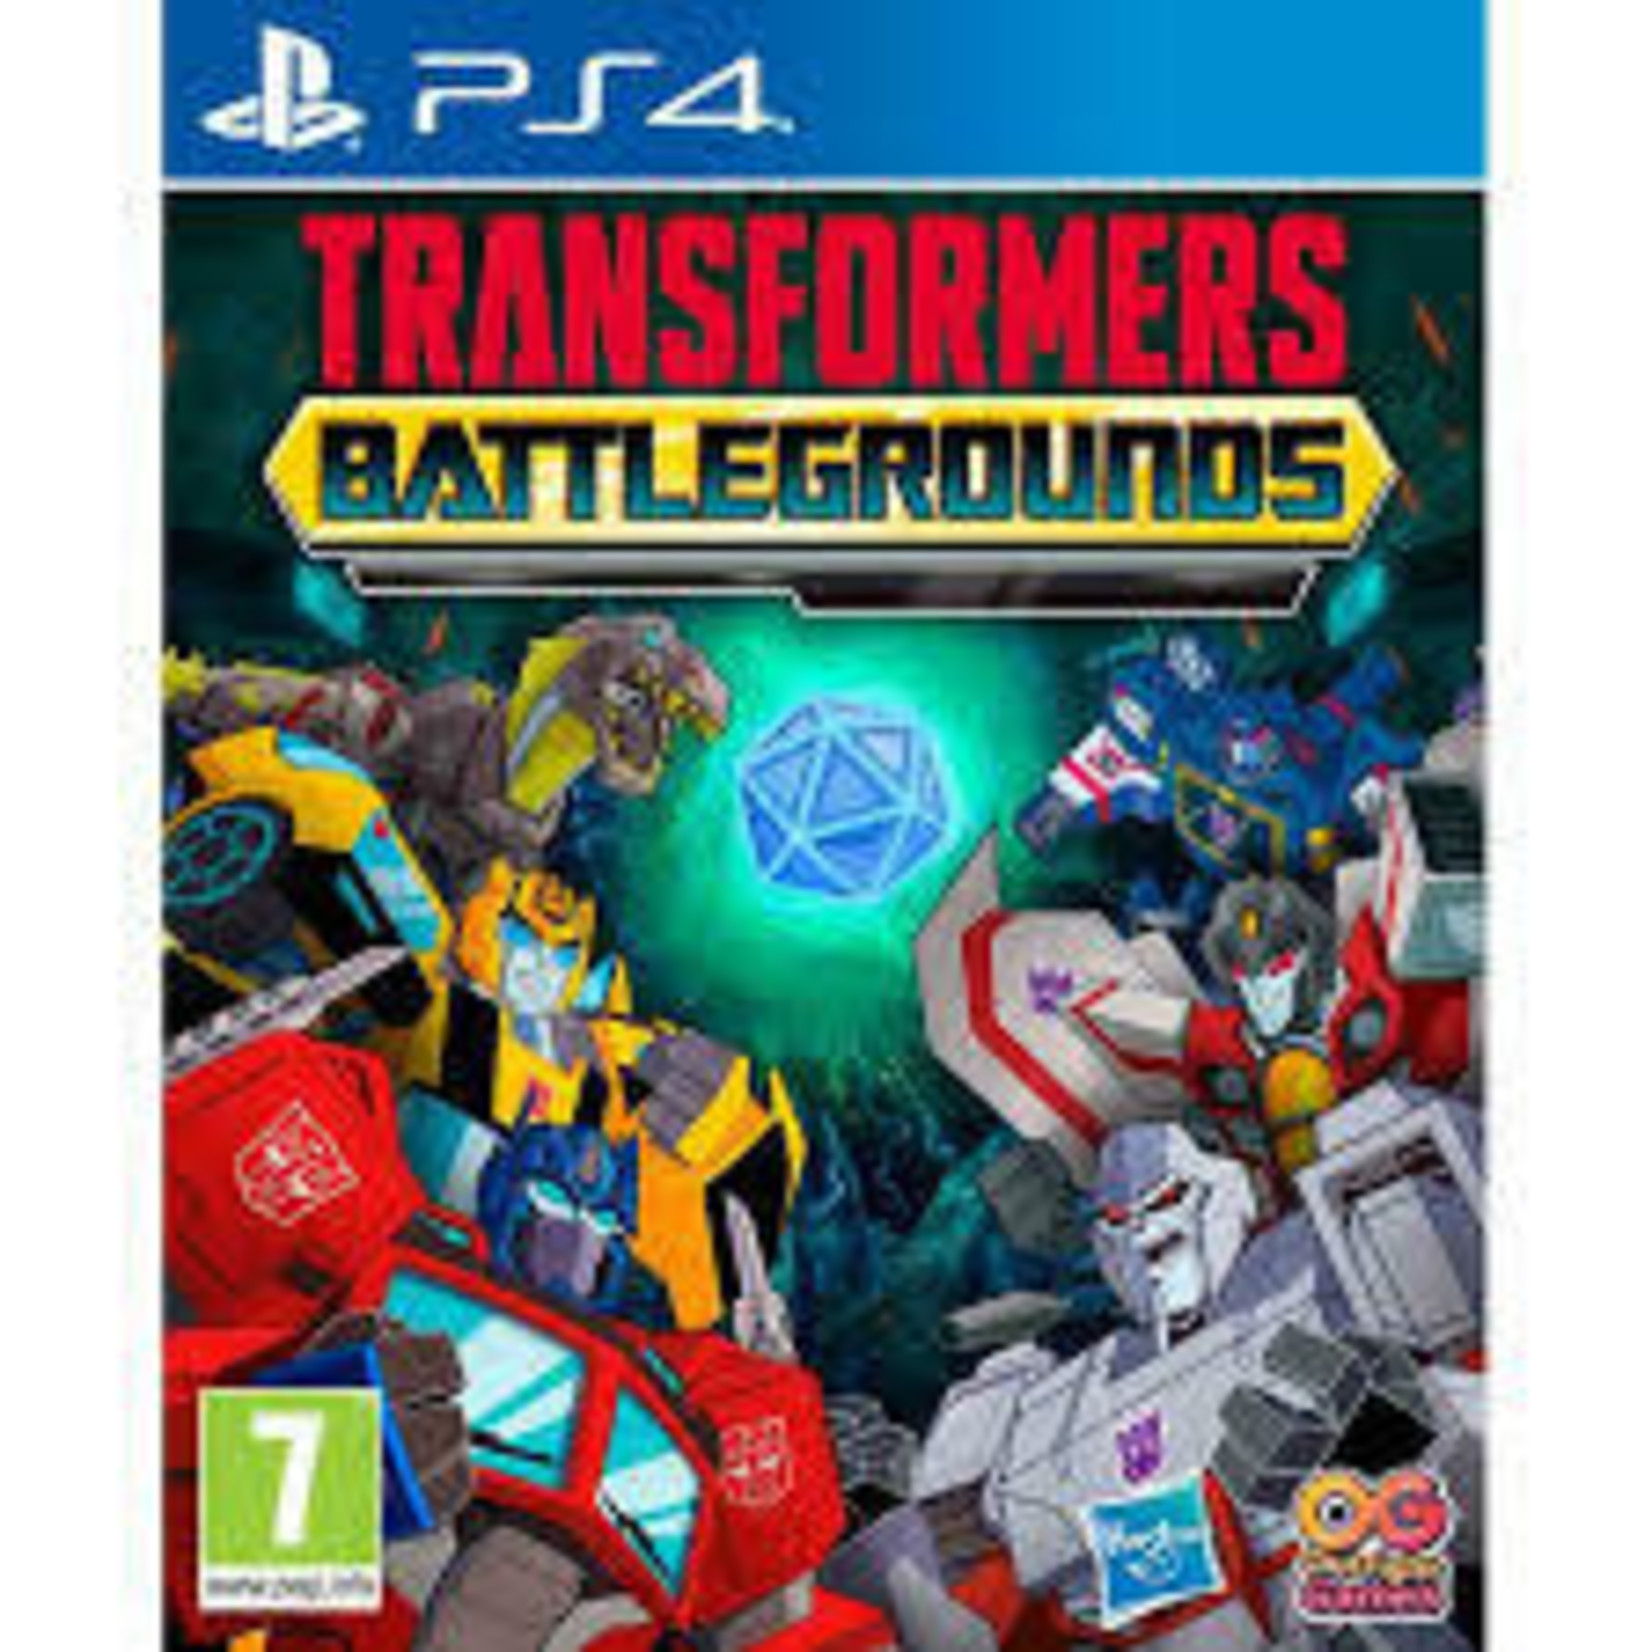 PS4-Transformers: Battlegrounds